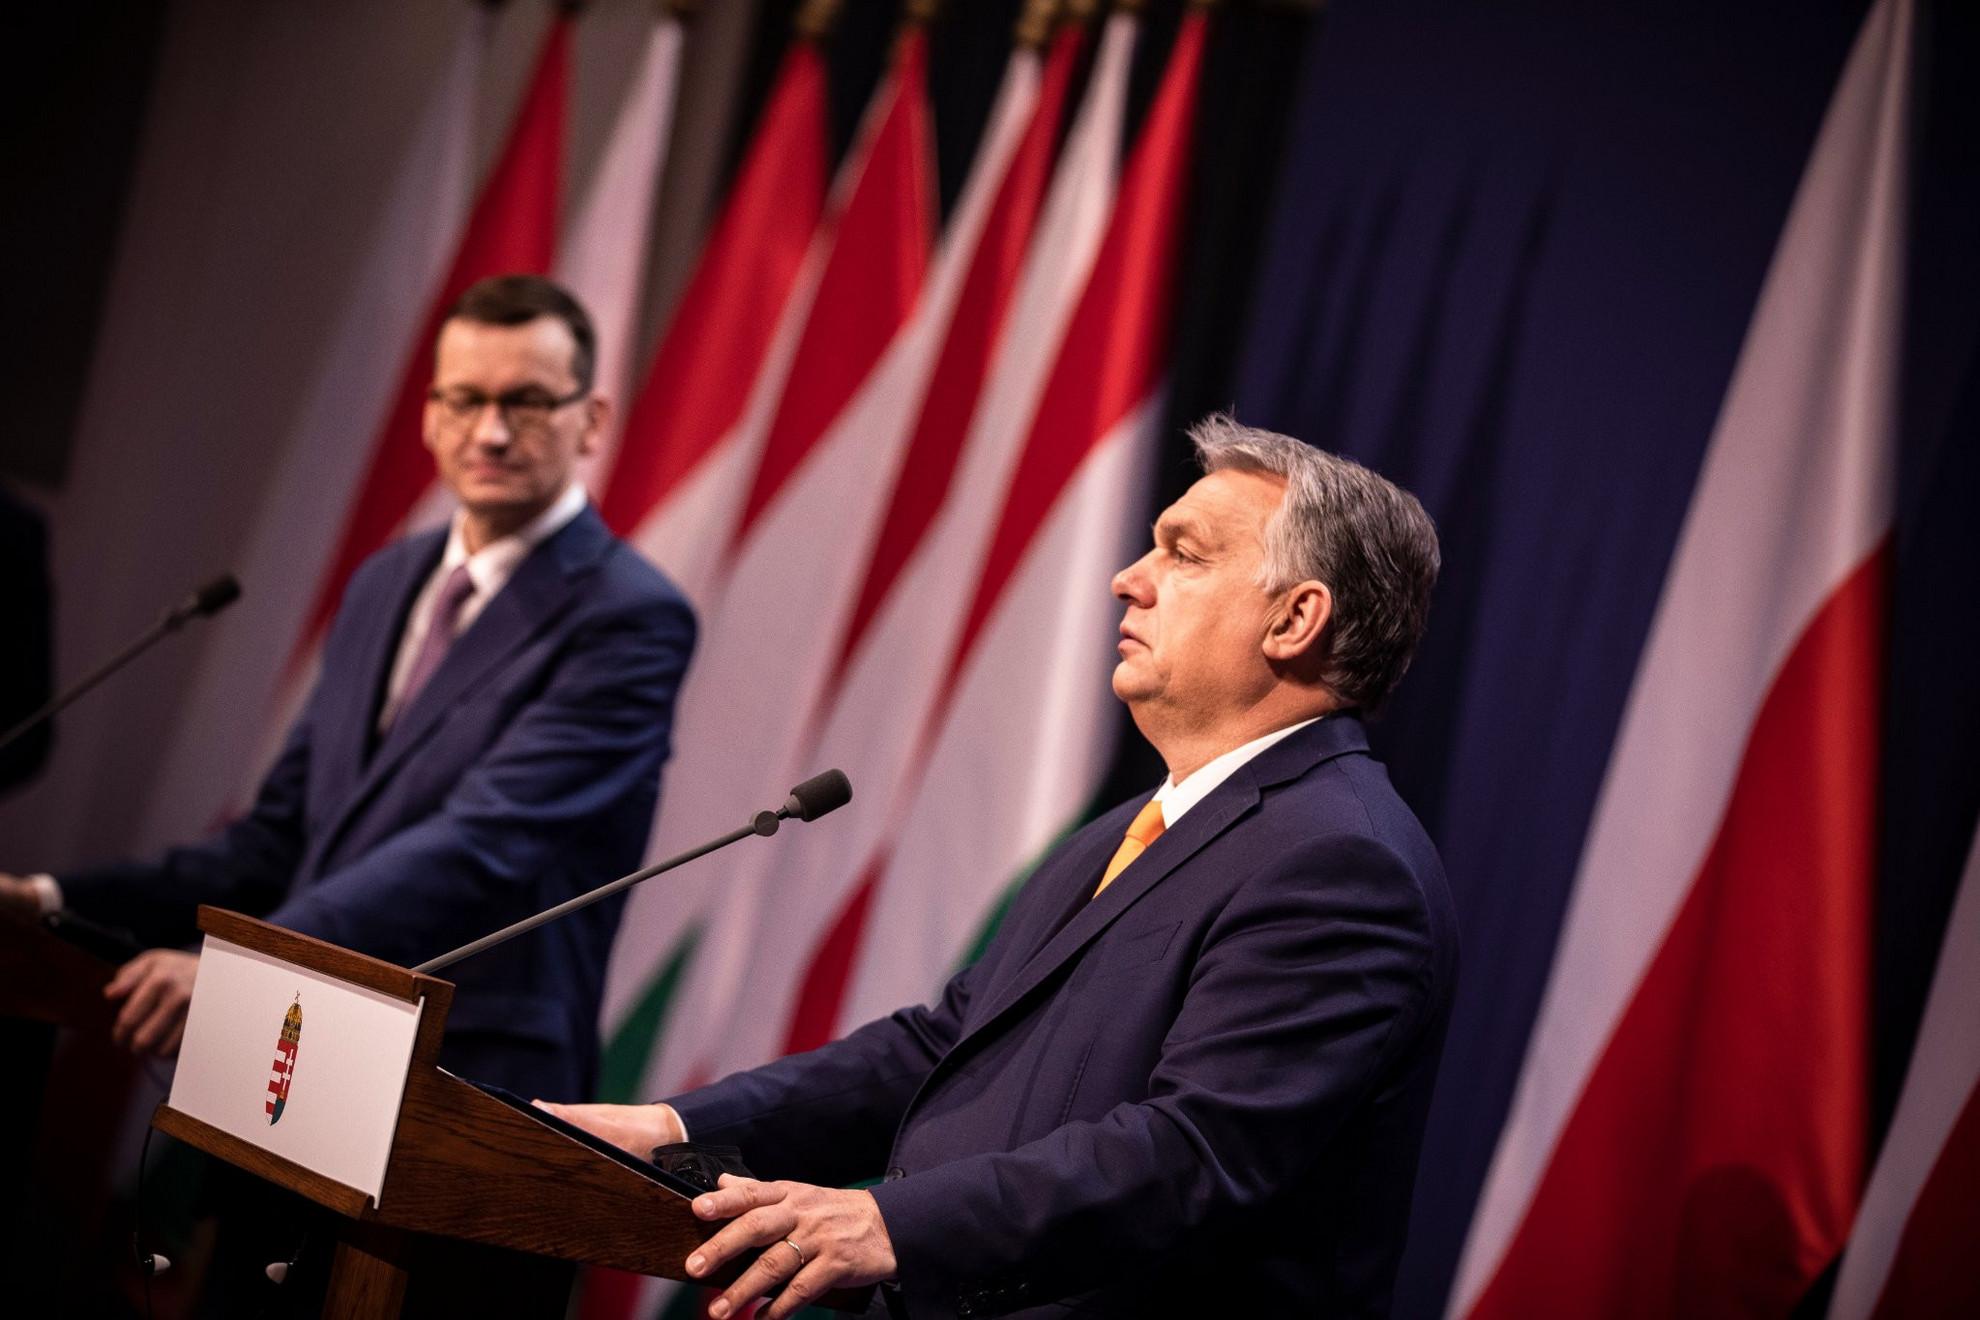 Tárgyalásuk napirendjén az EU költségvetésének ügye szerepelt, ami ellen Magyarország és Lengyelország is vétót emelt